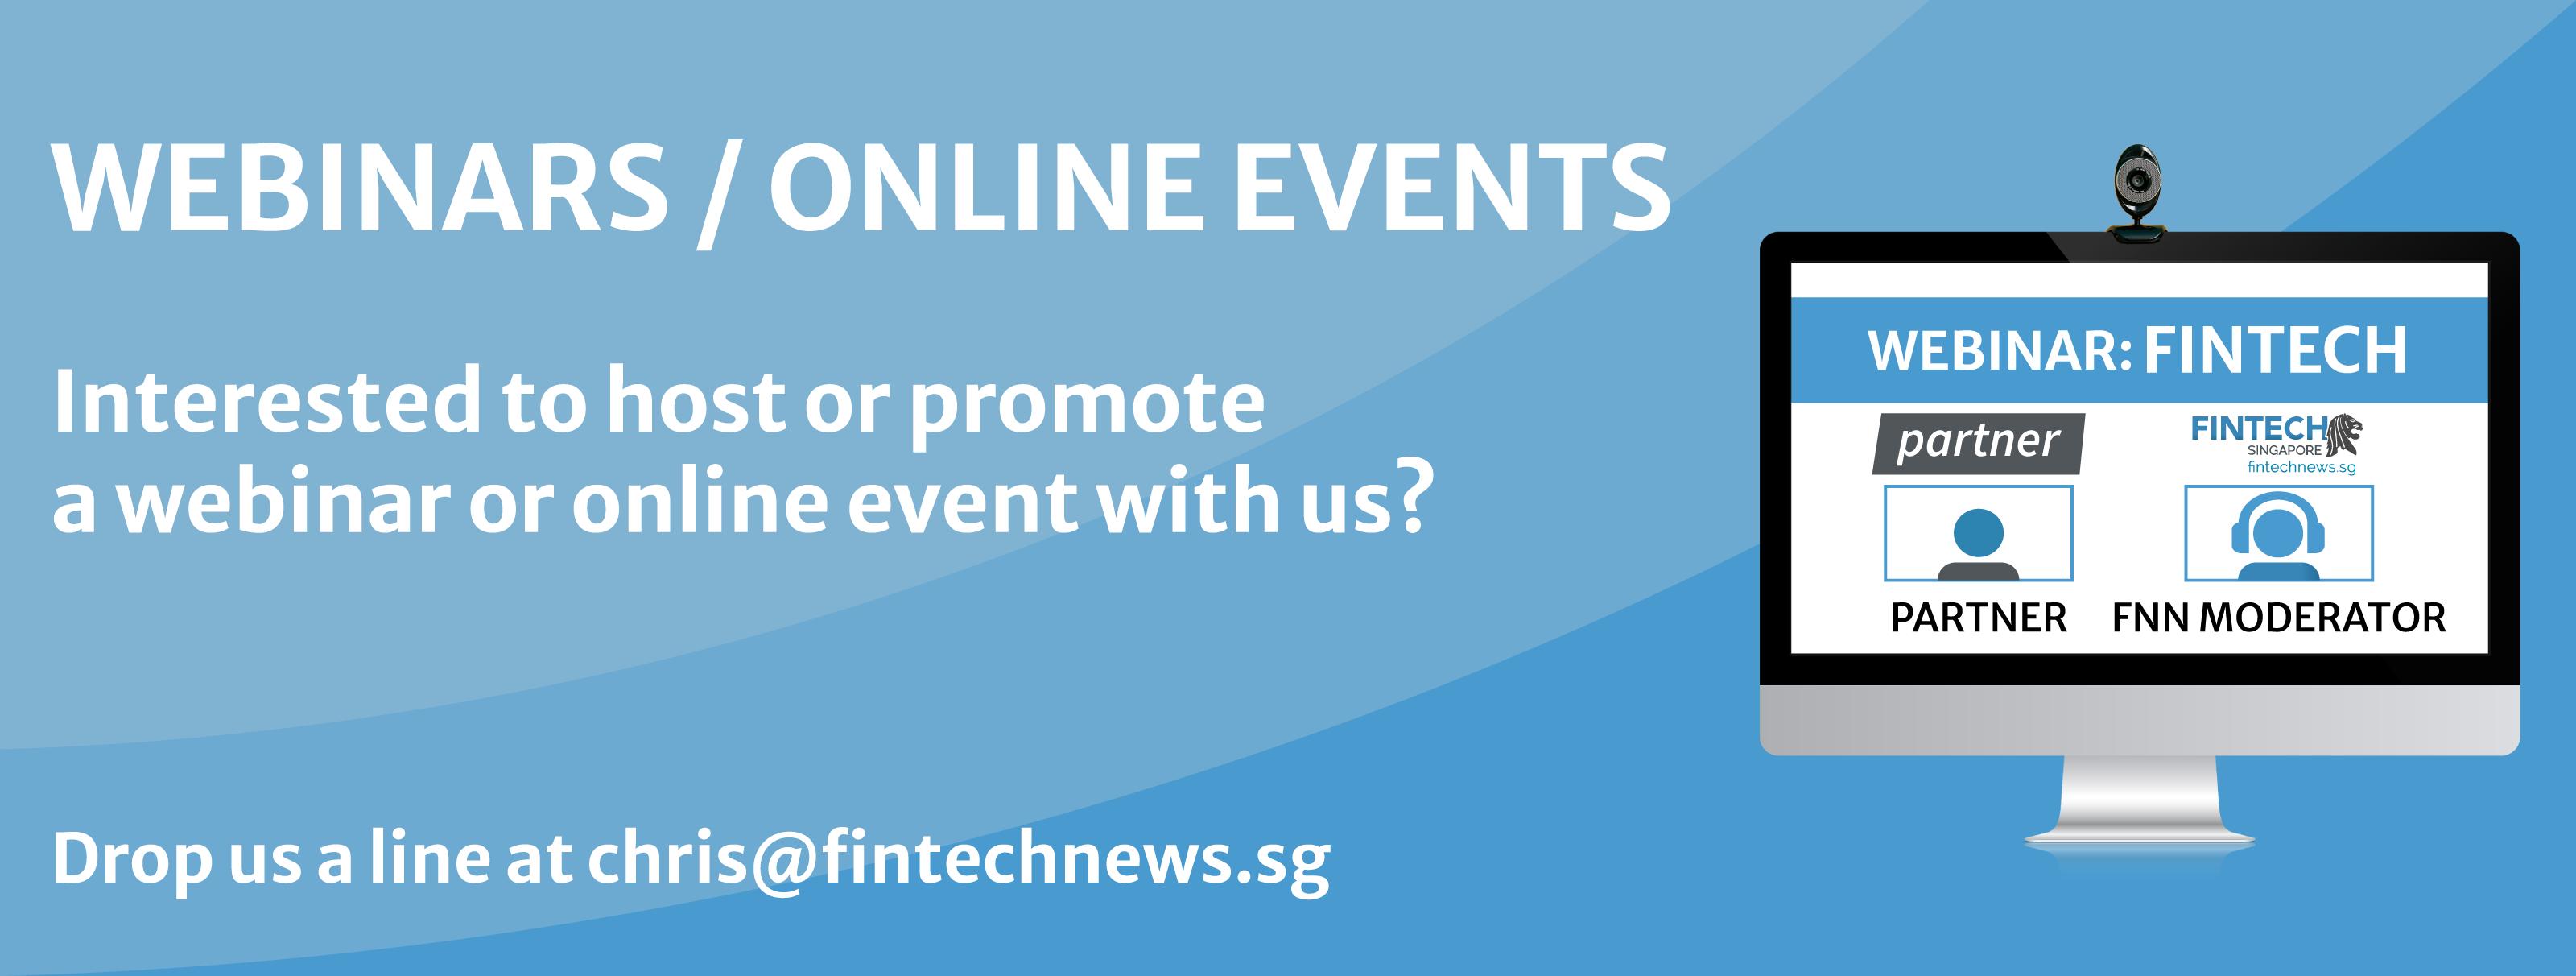 fintech webinar event